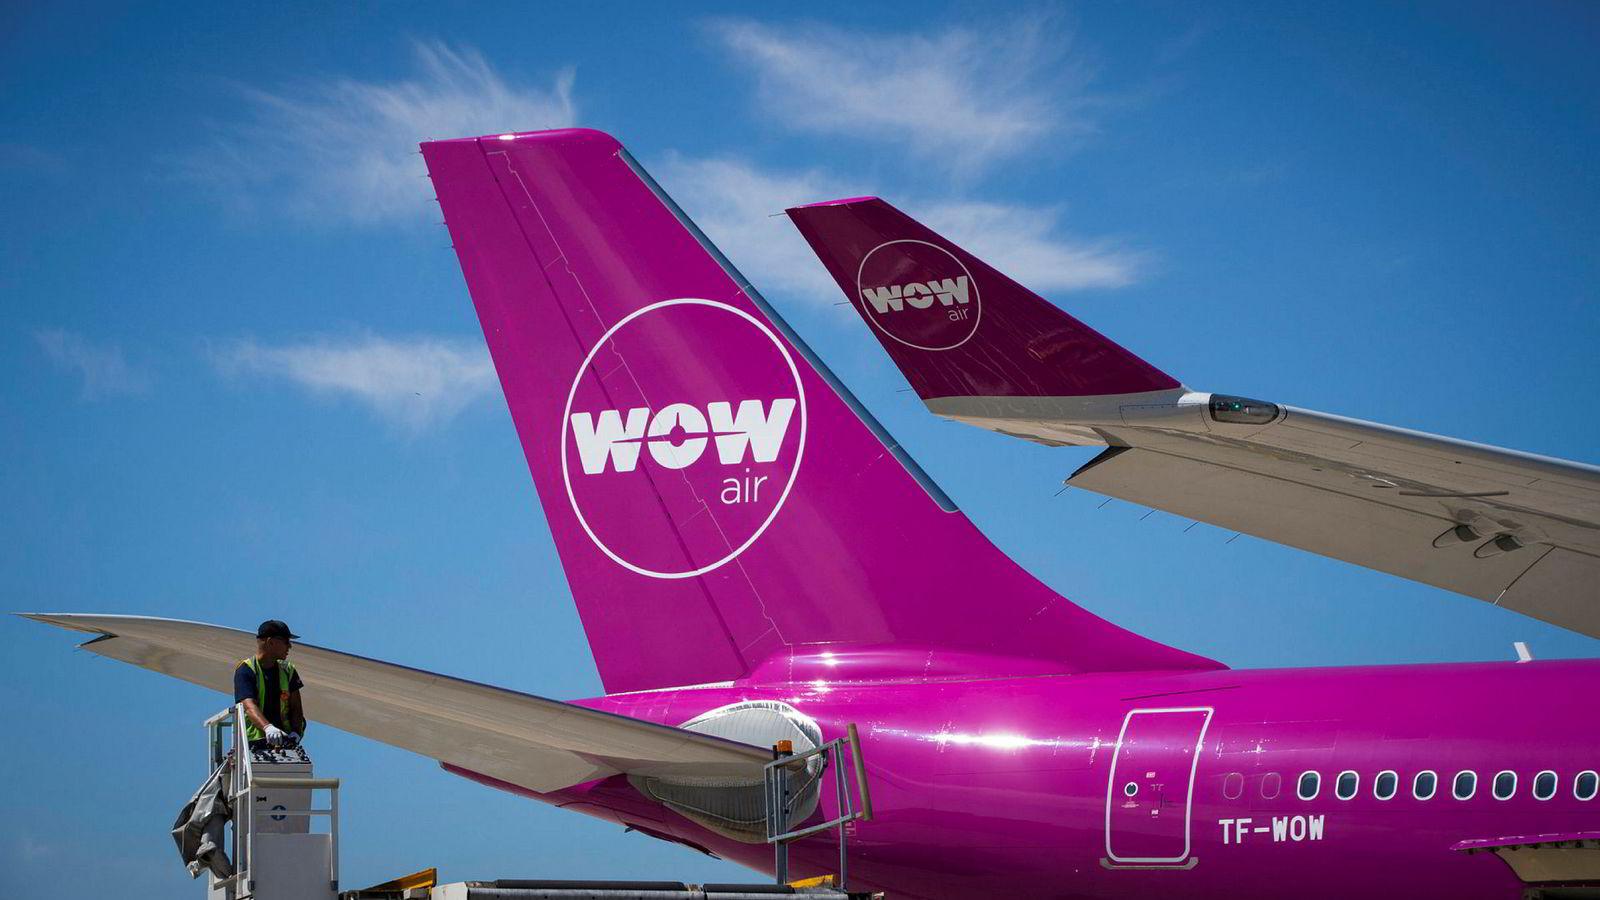 I september i fjor utstedte Wow sin første obligasjon. Mindre enn to måneder senere meldte selskapet om finansielle problemer. 2. april kom konkursmeldingen.